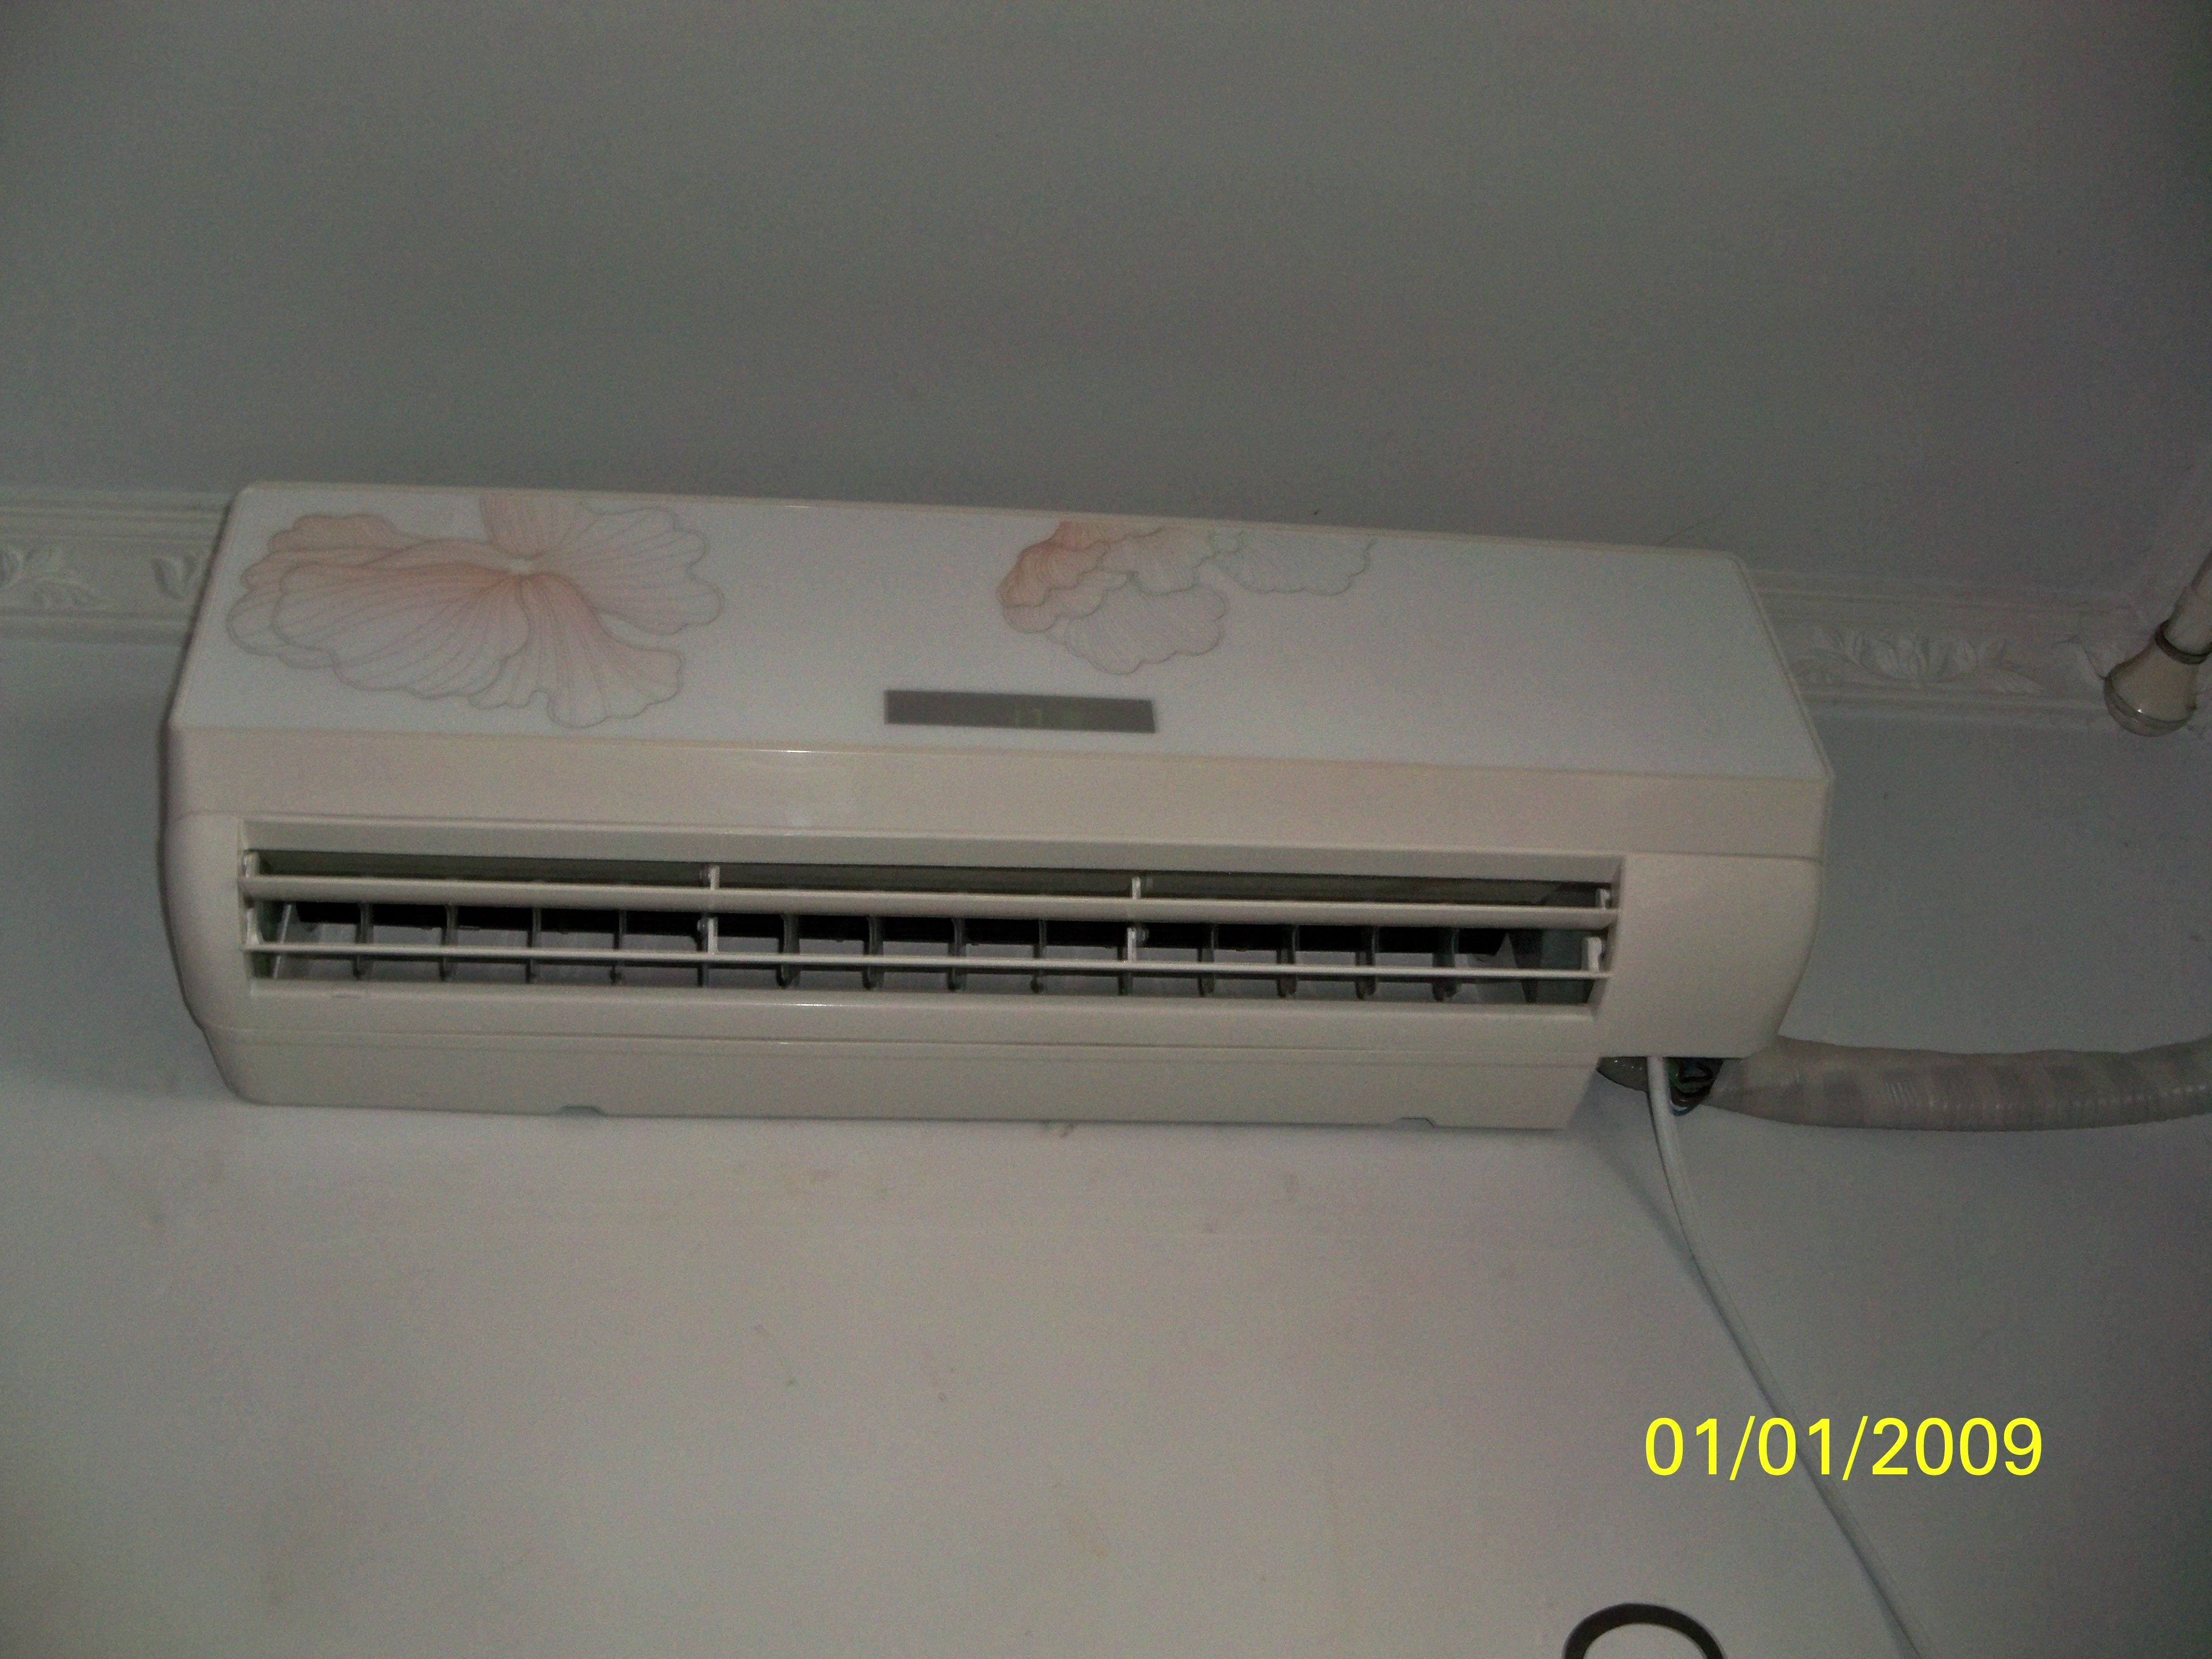 淘宝的代工外贸变频的空调,外机的线子怎么接啊